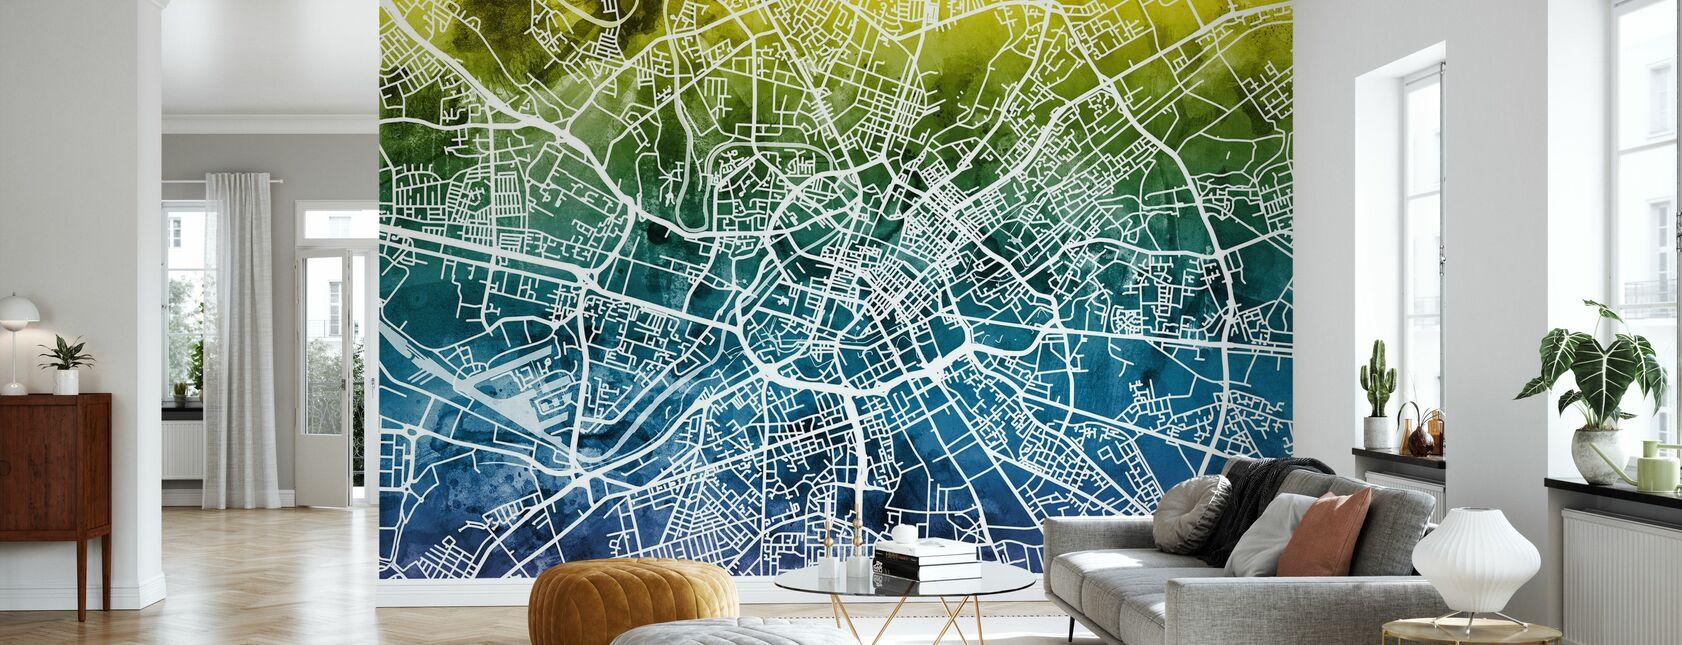 Manchester Street Map Bluegreen - Wallpaper - Living Room